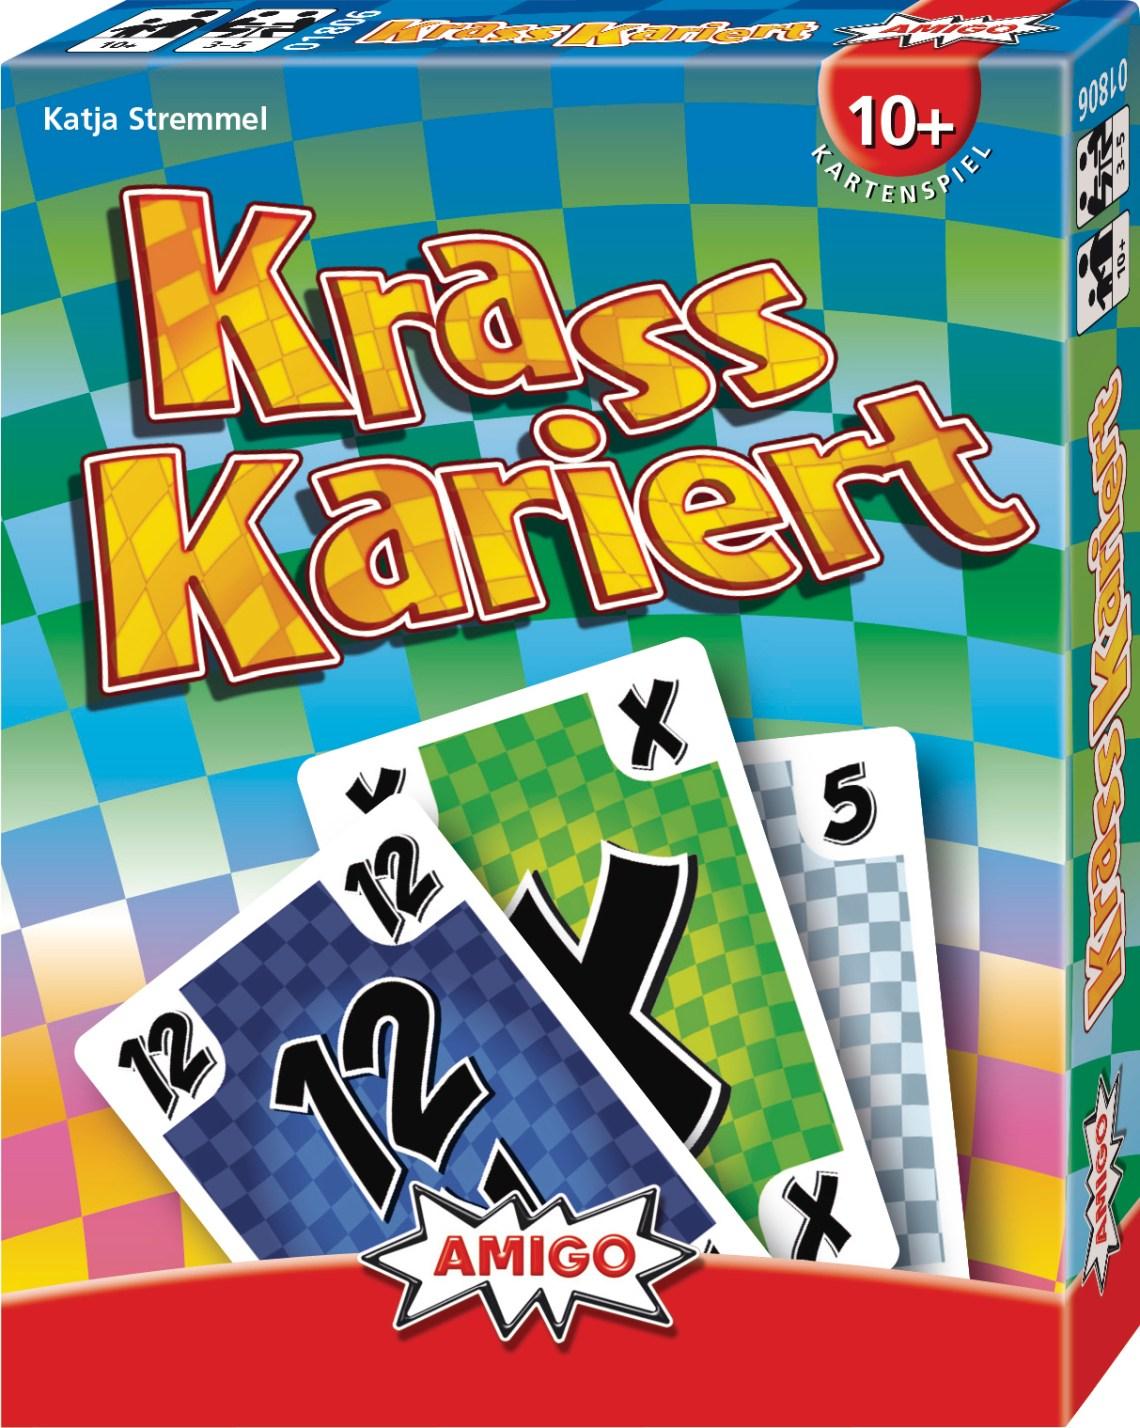 Games, Toys & more Krass kariert Amigo Spielezeit Linz